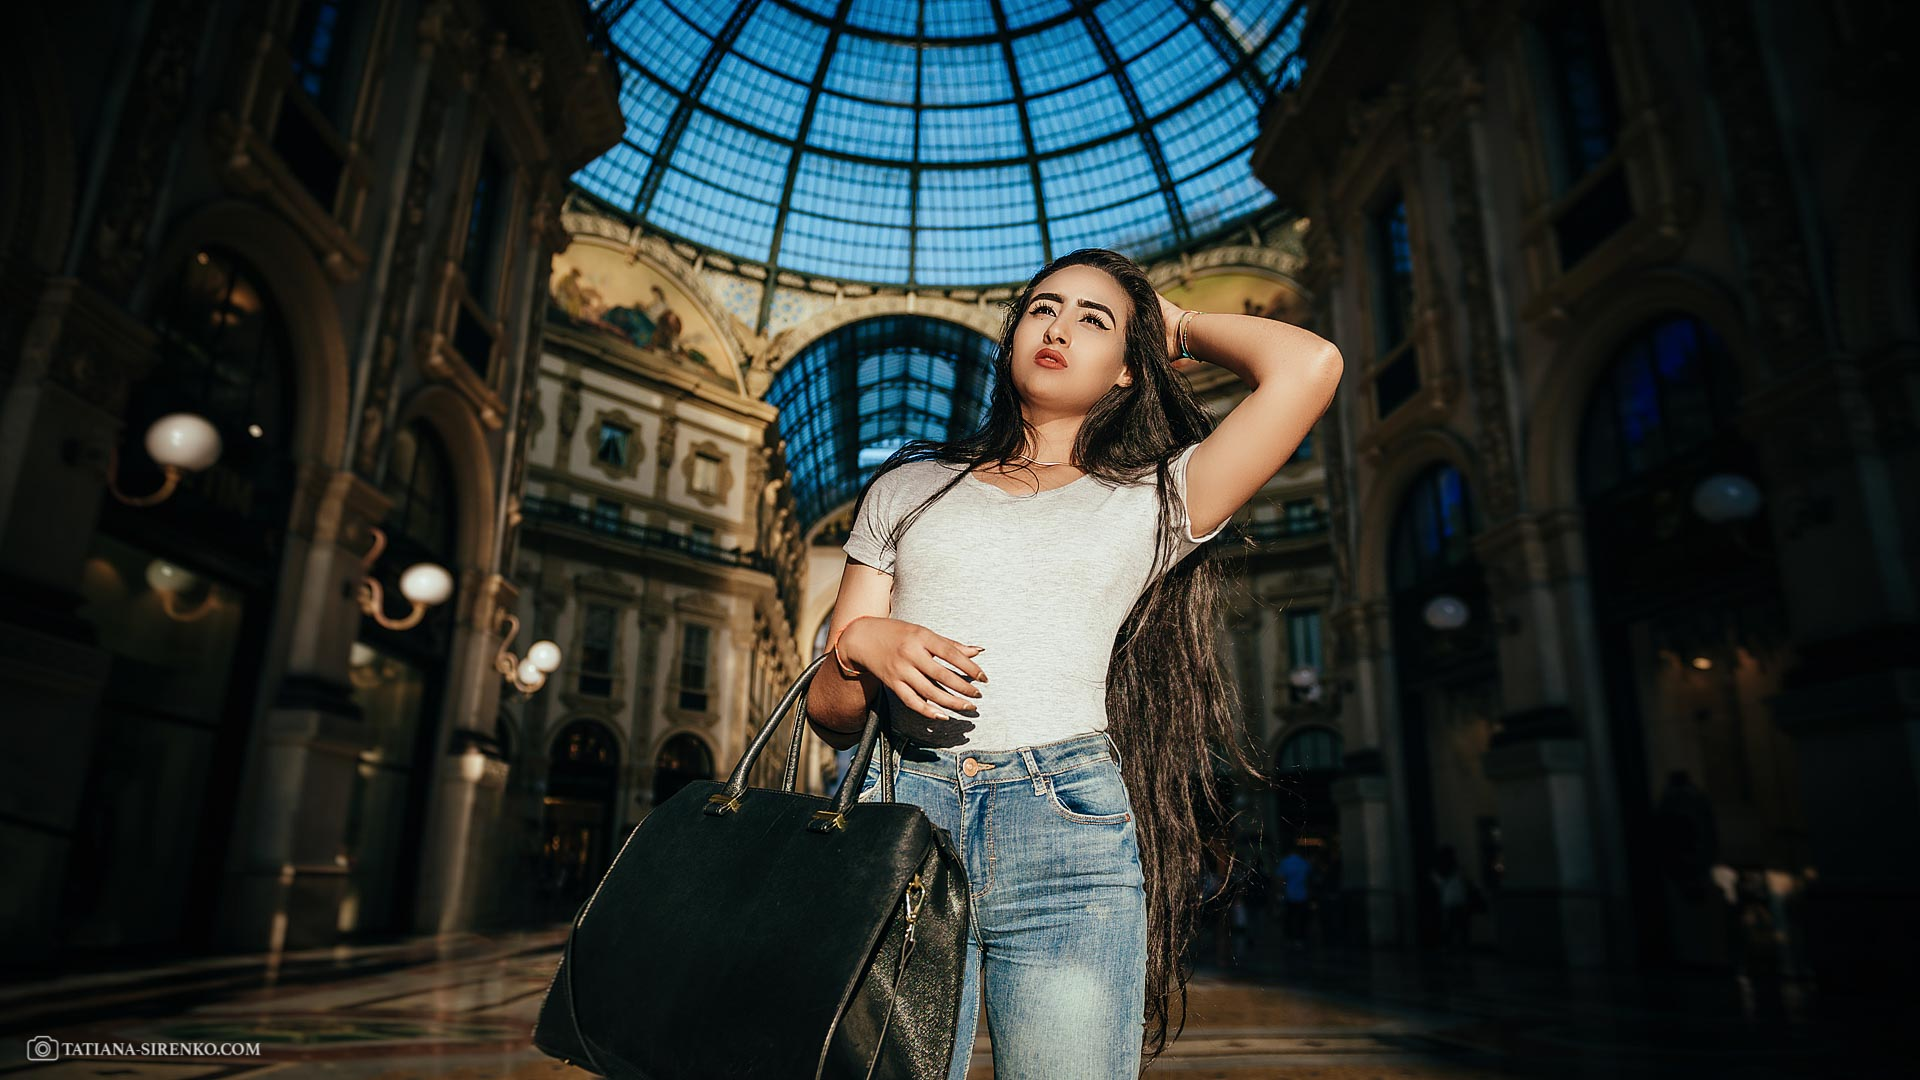 Фотографы Италия